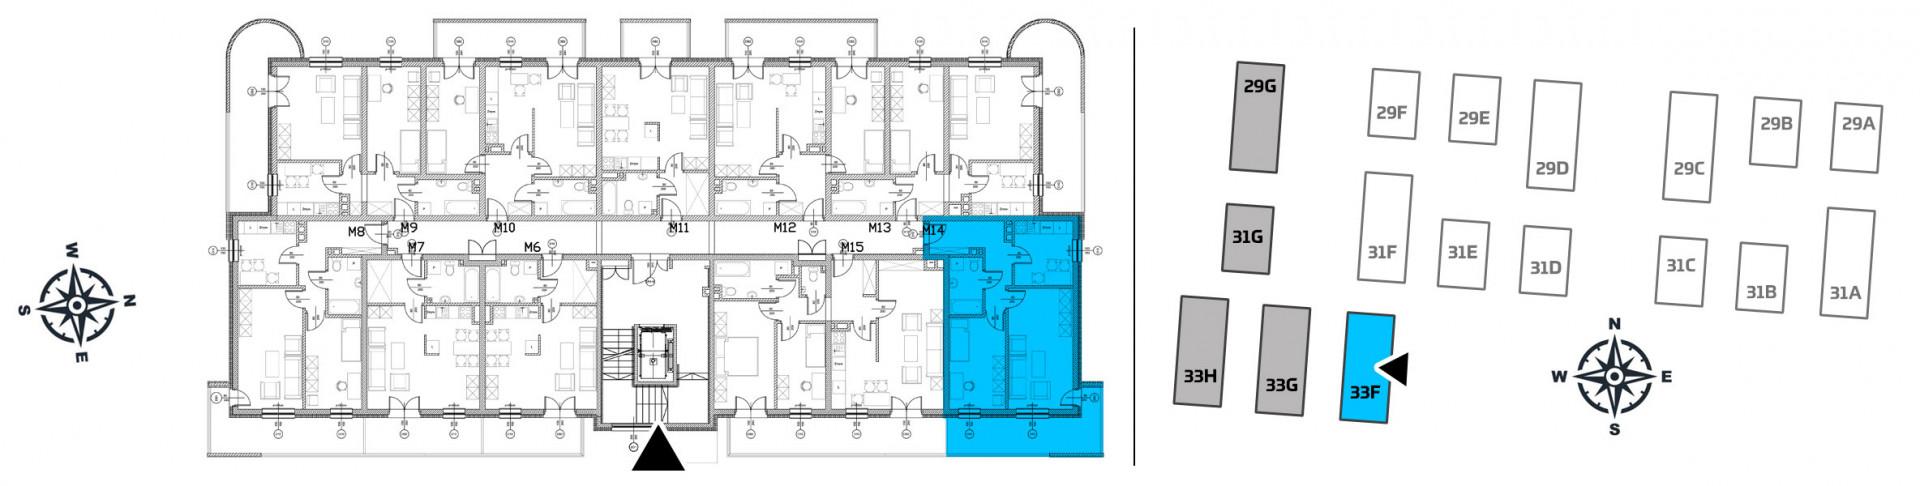 Mieszkanie dwupokojowe 33F/14 rzut 2